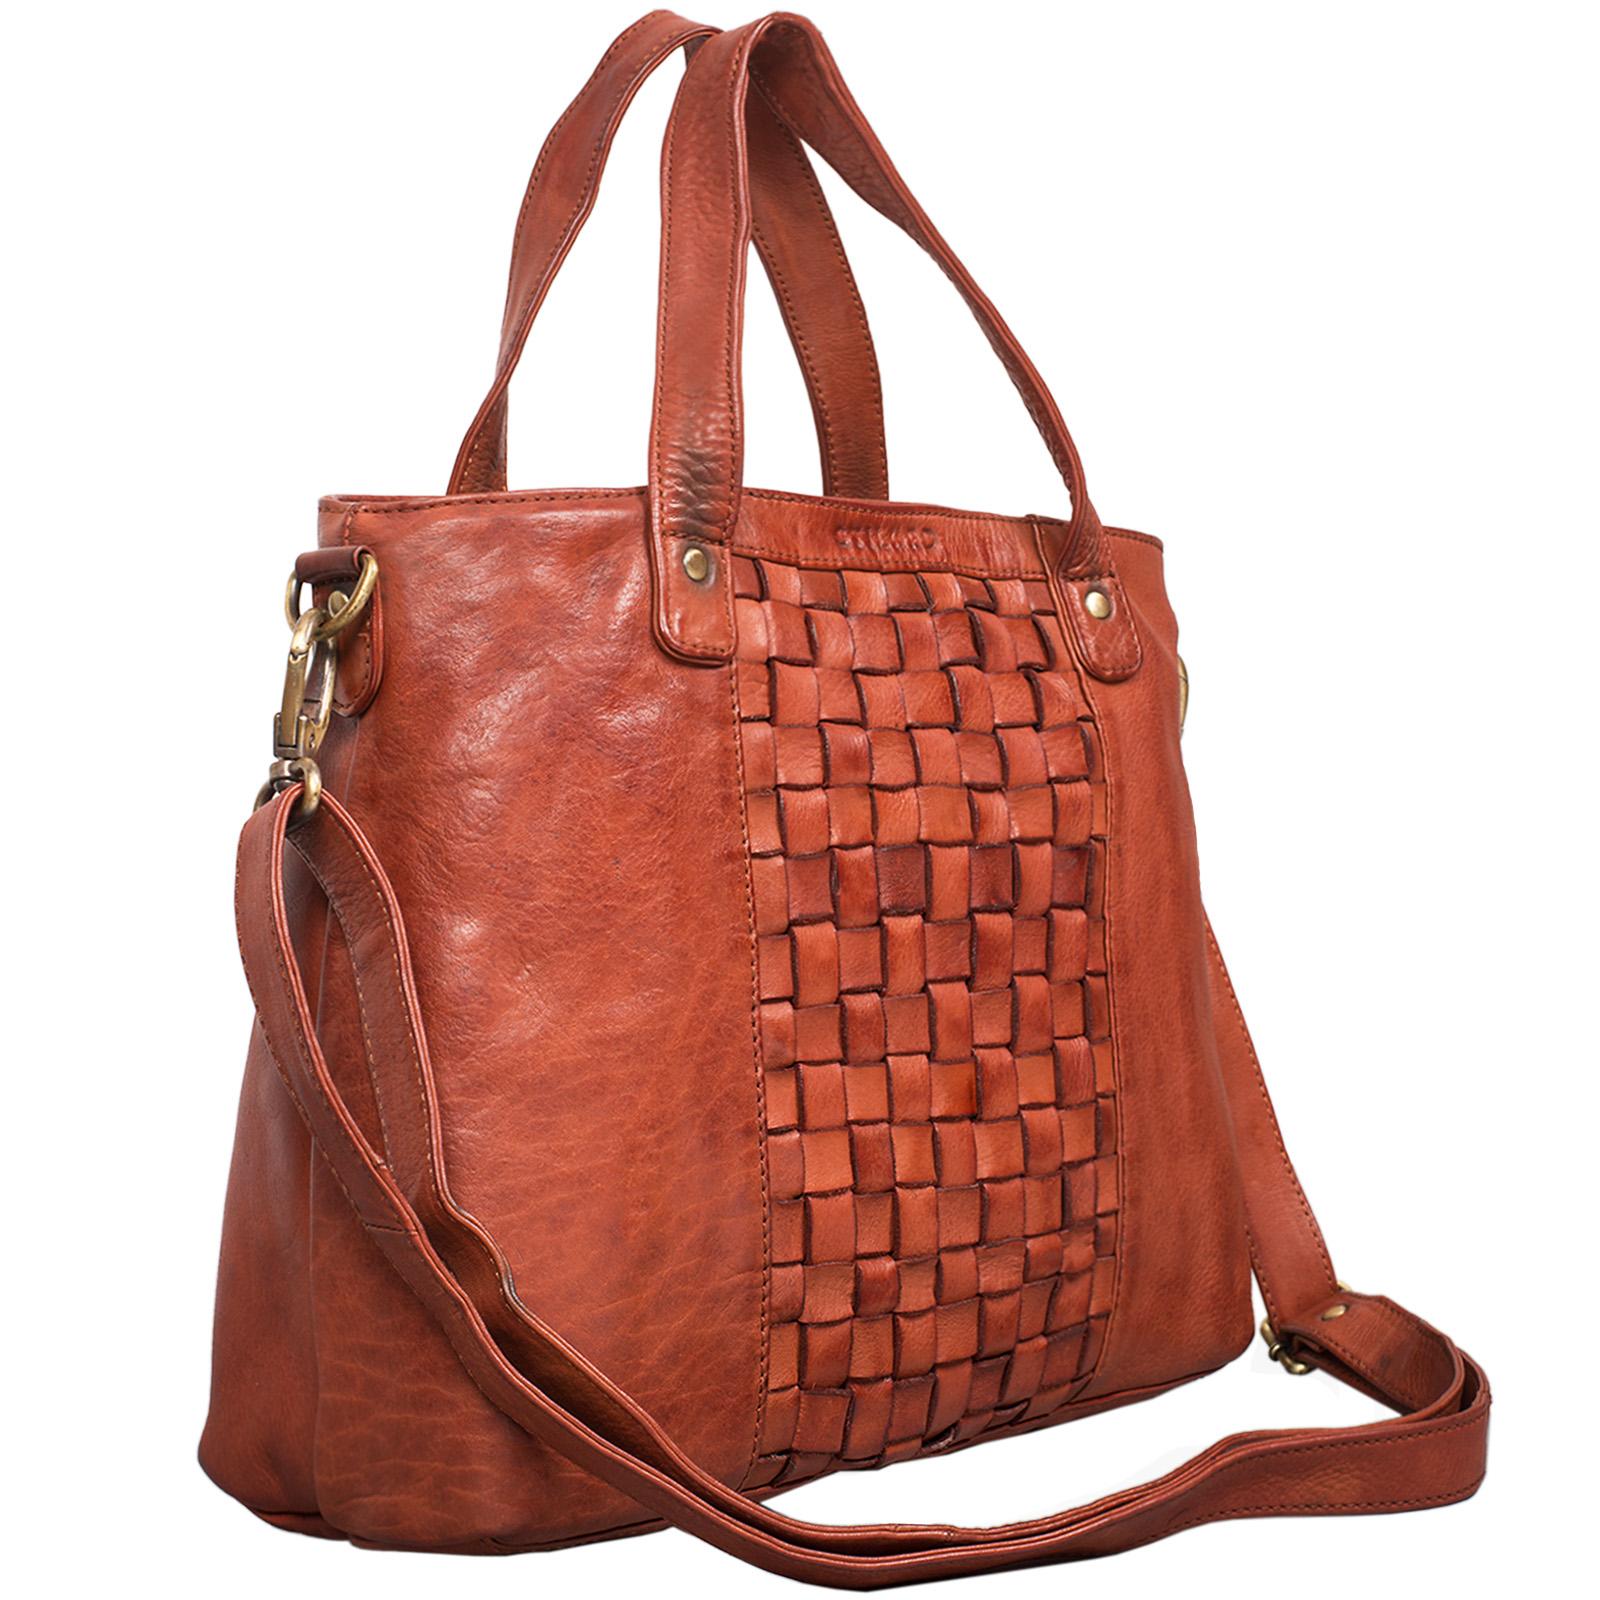 """STILORD """"Mara"""" Elegante Handtasche geflochtenes Leder mit abnehmbaren Schulterriemen Abendtasche Ausgehtasche Echtleder - Bild 15"""